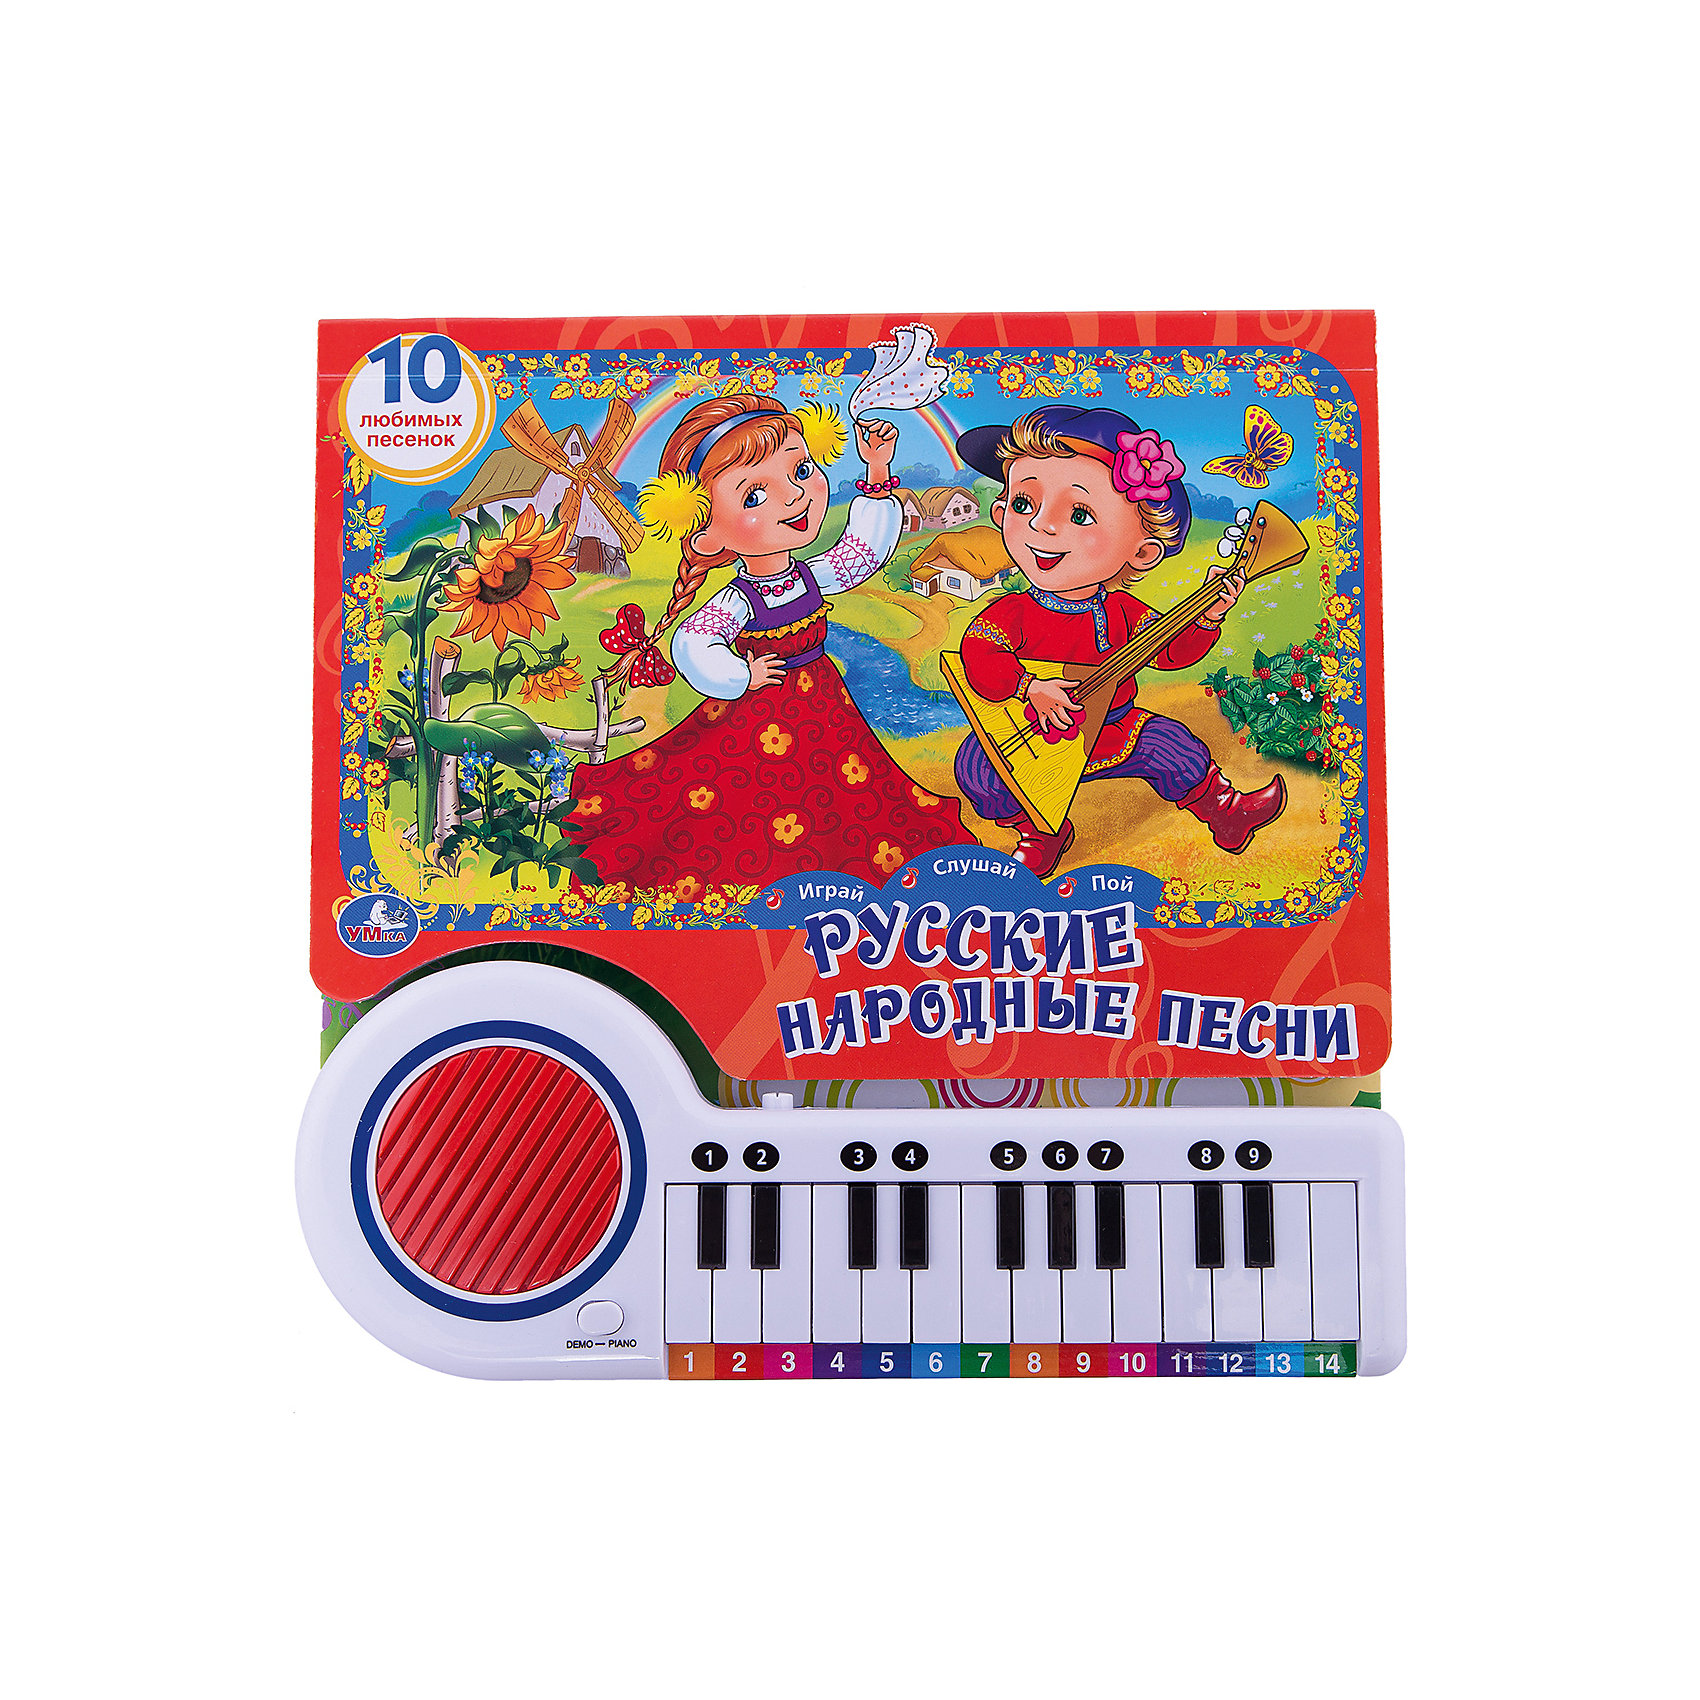 Книга-пианино с 23 кнопками Русские народные песниМузыкальные книги<br>Музыкальные книжки - прекрасная возможность послушать замечательные песенки. Книга Русские народные песни (книга-пианино с 23 клавишами и песенками) от издательства Умка подарит малышу множество возможностей и станет любимицей на долгое время. Сначала кроха просто будет листать плотные картонные страницы и рассматривать яркие иллюстрации, затем попробует включать песенки, а затем, возможно, будет подбирать мелодии по нотам, как настоящий музыкант! Русские народные песенки и потешки звонкие и всегда поднимут настроение. Играй! Слушай! Пой!<br><br>Список песен: <br>1. Два весёлых гуся <br>2. Каравай <br>3. Калинка <br>4. Серенький козлик <br>5. Ладушки <br>6. Барыня <br>7. Валенки <br>8. Как у наших у ворот <br>9. Во саду ли, в огороде <br>10. Во поле берёза стояла<br><br>Дополнительное описание:<br><br>- Количество страниц: 20;<br>- Плотные, яркие, картонные страницы;<br>- Пианино - 23 клавиши - можно сочинять собственные мелодии;<br>- Множество прекрасных песенок и потешек;<br>- Режим: Караоке+;<br>- Для работы требуются:  2АА (2 пальчиковые батарейки);<br>- Размер: 26 х 26 см;<br>- Вес: 760 г<br><br>Книгу Русские народные песни (книга-пианино с 23 клавишами и песенками), Умка, можно купить в нашем интернет-магазине.<br><br>Ширина мм: 260<br>Глубина мм: 260<br>Высота мм: 30<br>Вес г: 760<br>Возраст от месяцев: 12<br>Возраст до месяцев: 84<br>Пол: Унисекс<br>Возраст: Детский<br>SKU: 3915817